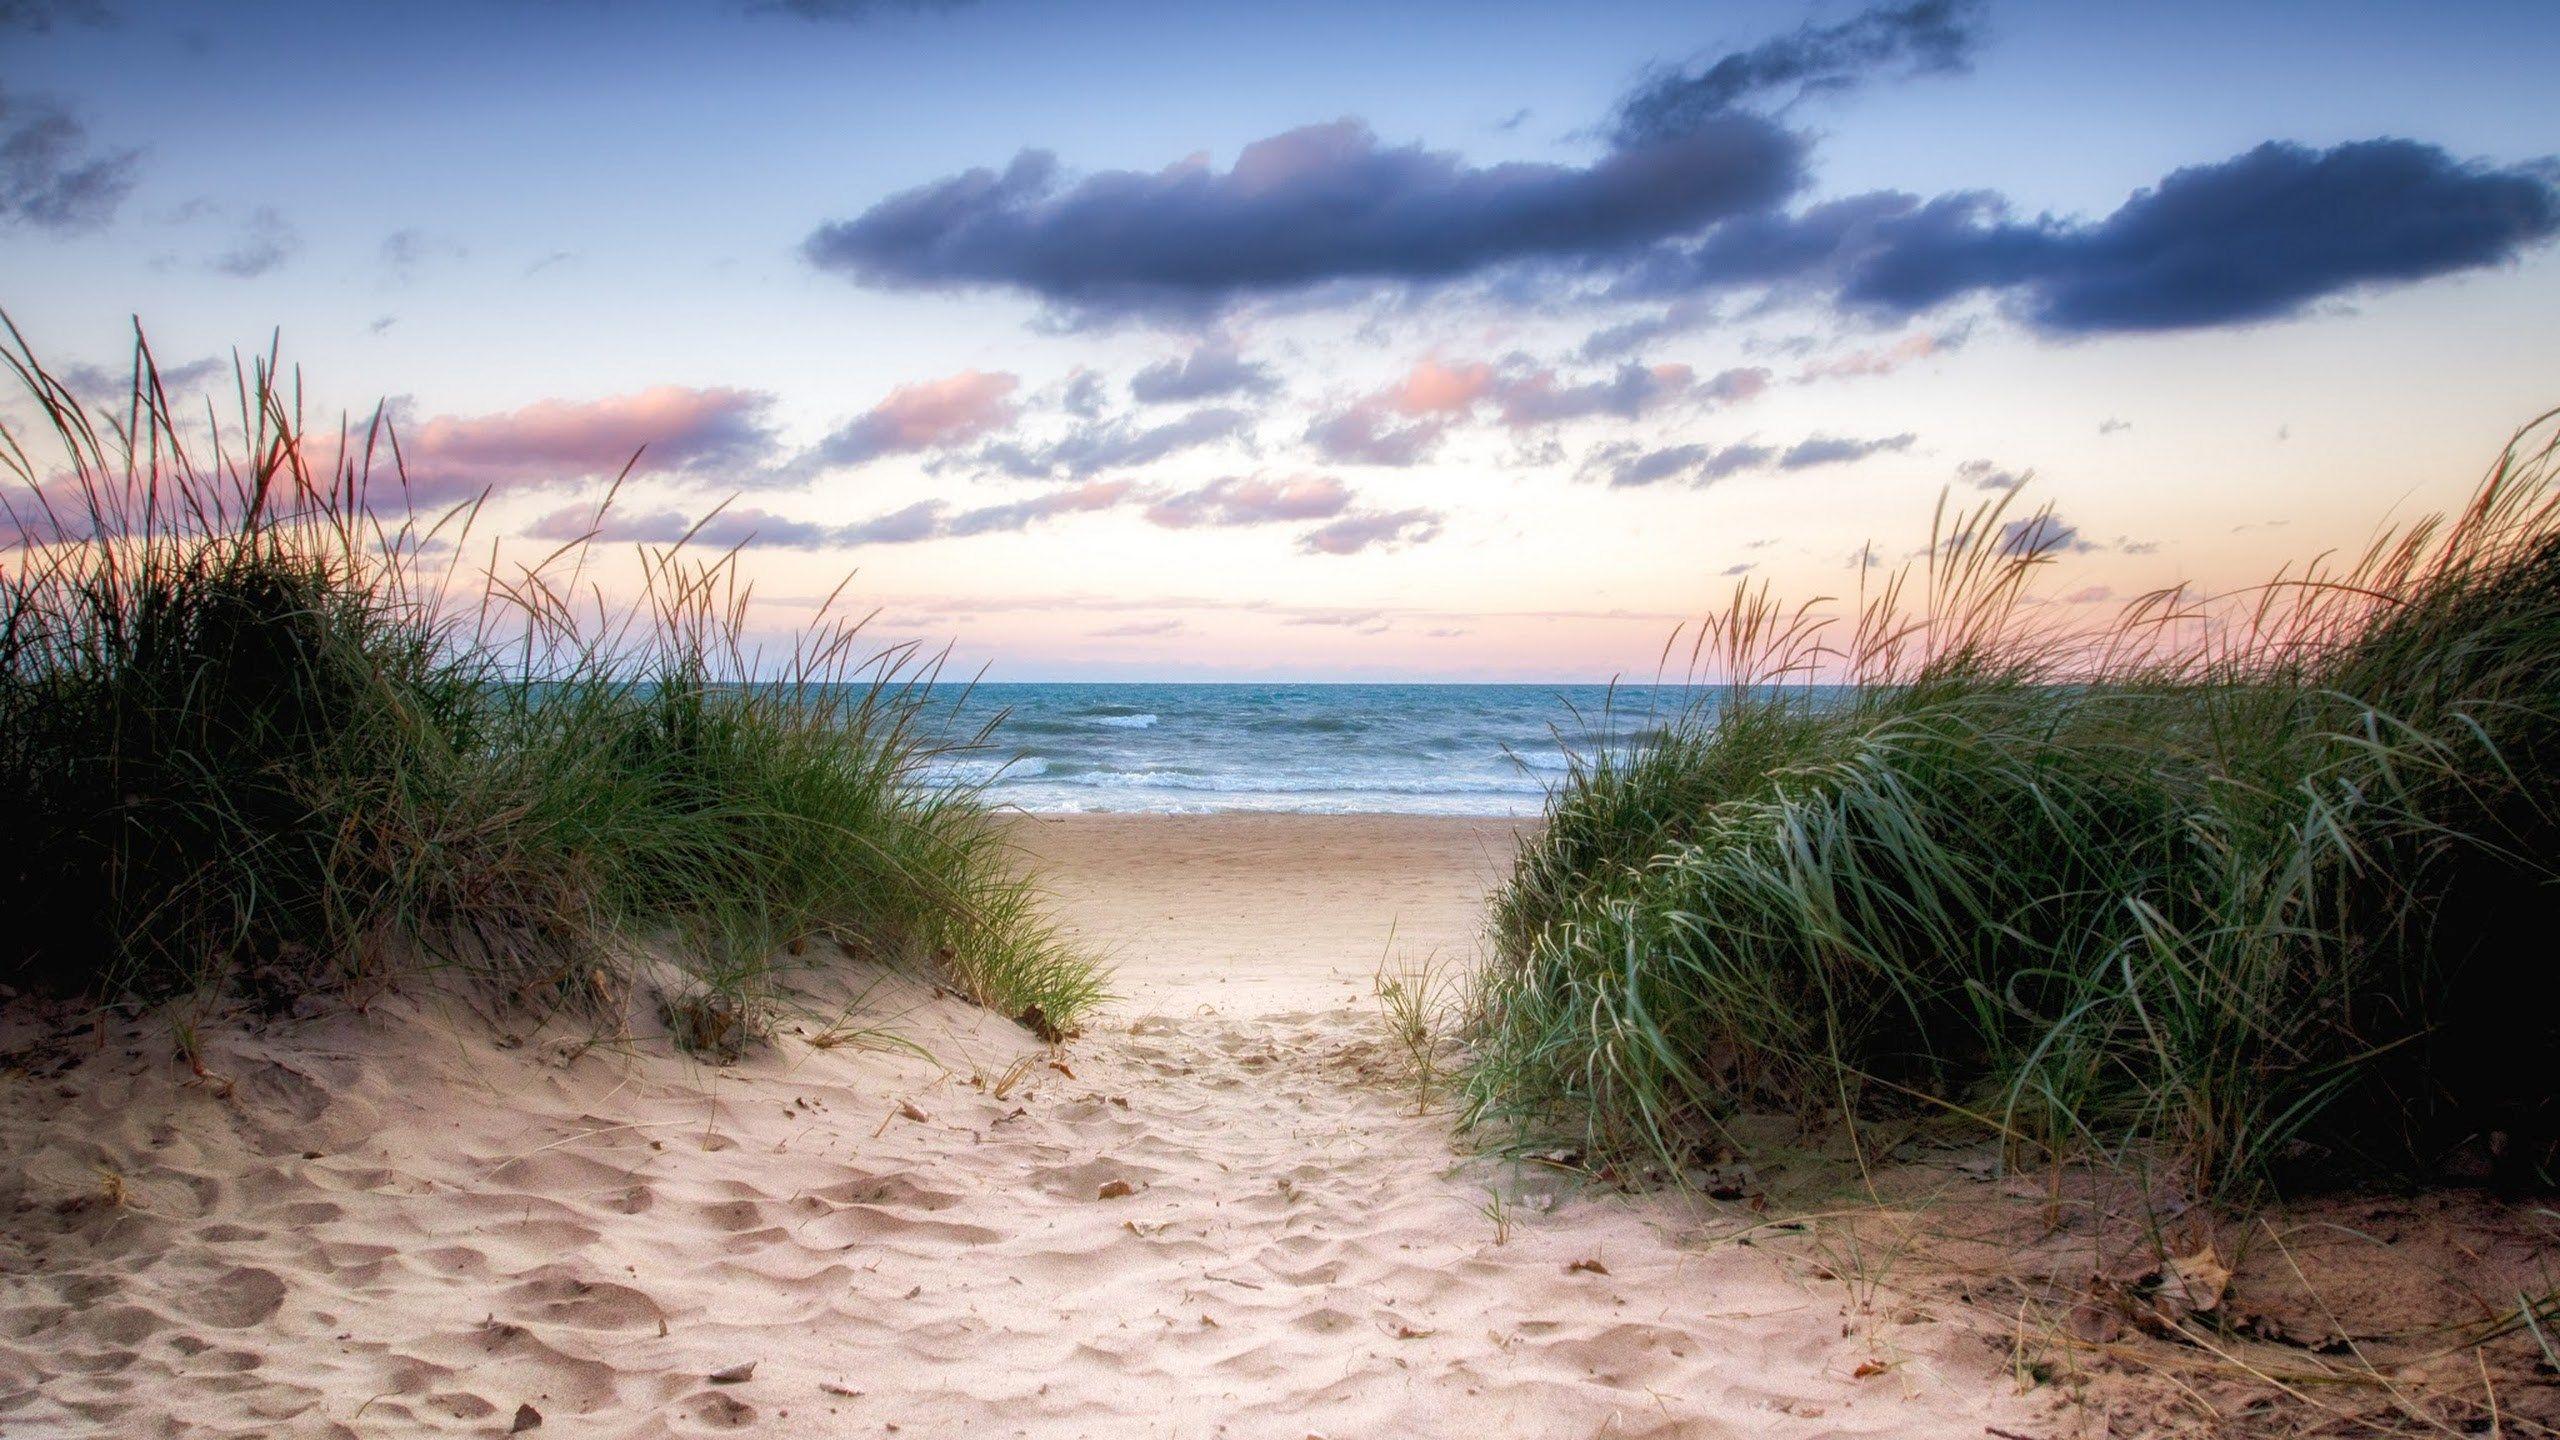 screensaver beach scream Beach wallpaper Wallpaper 2560x1440